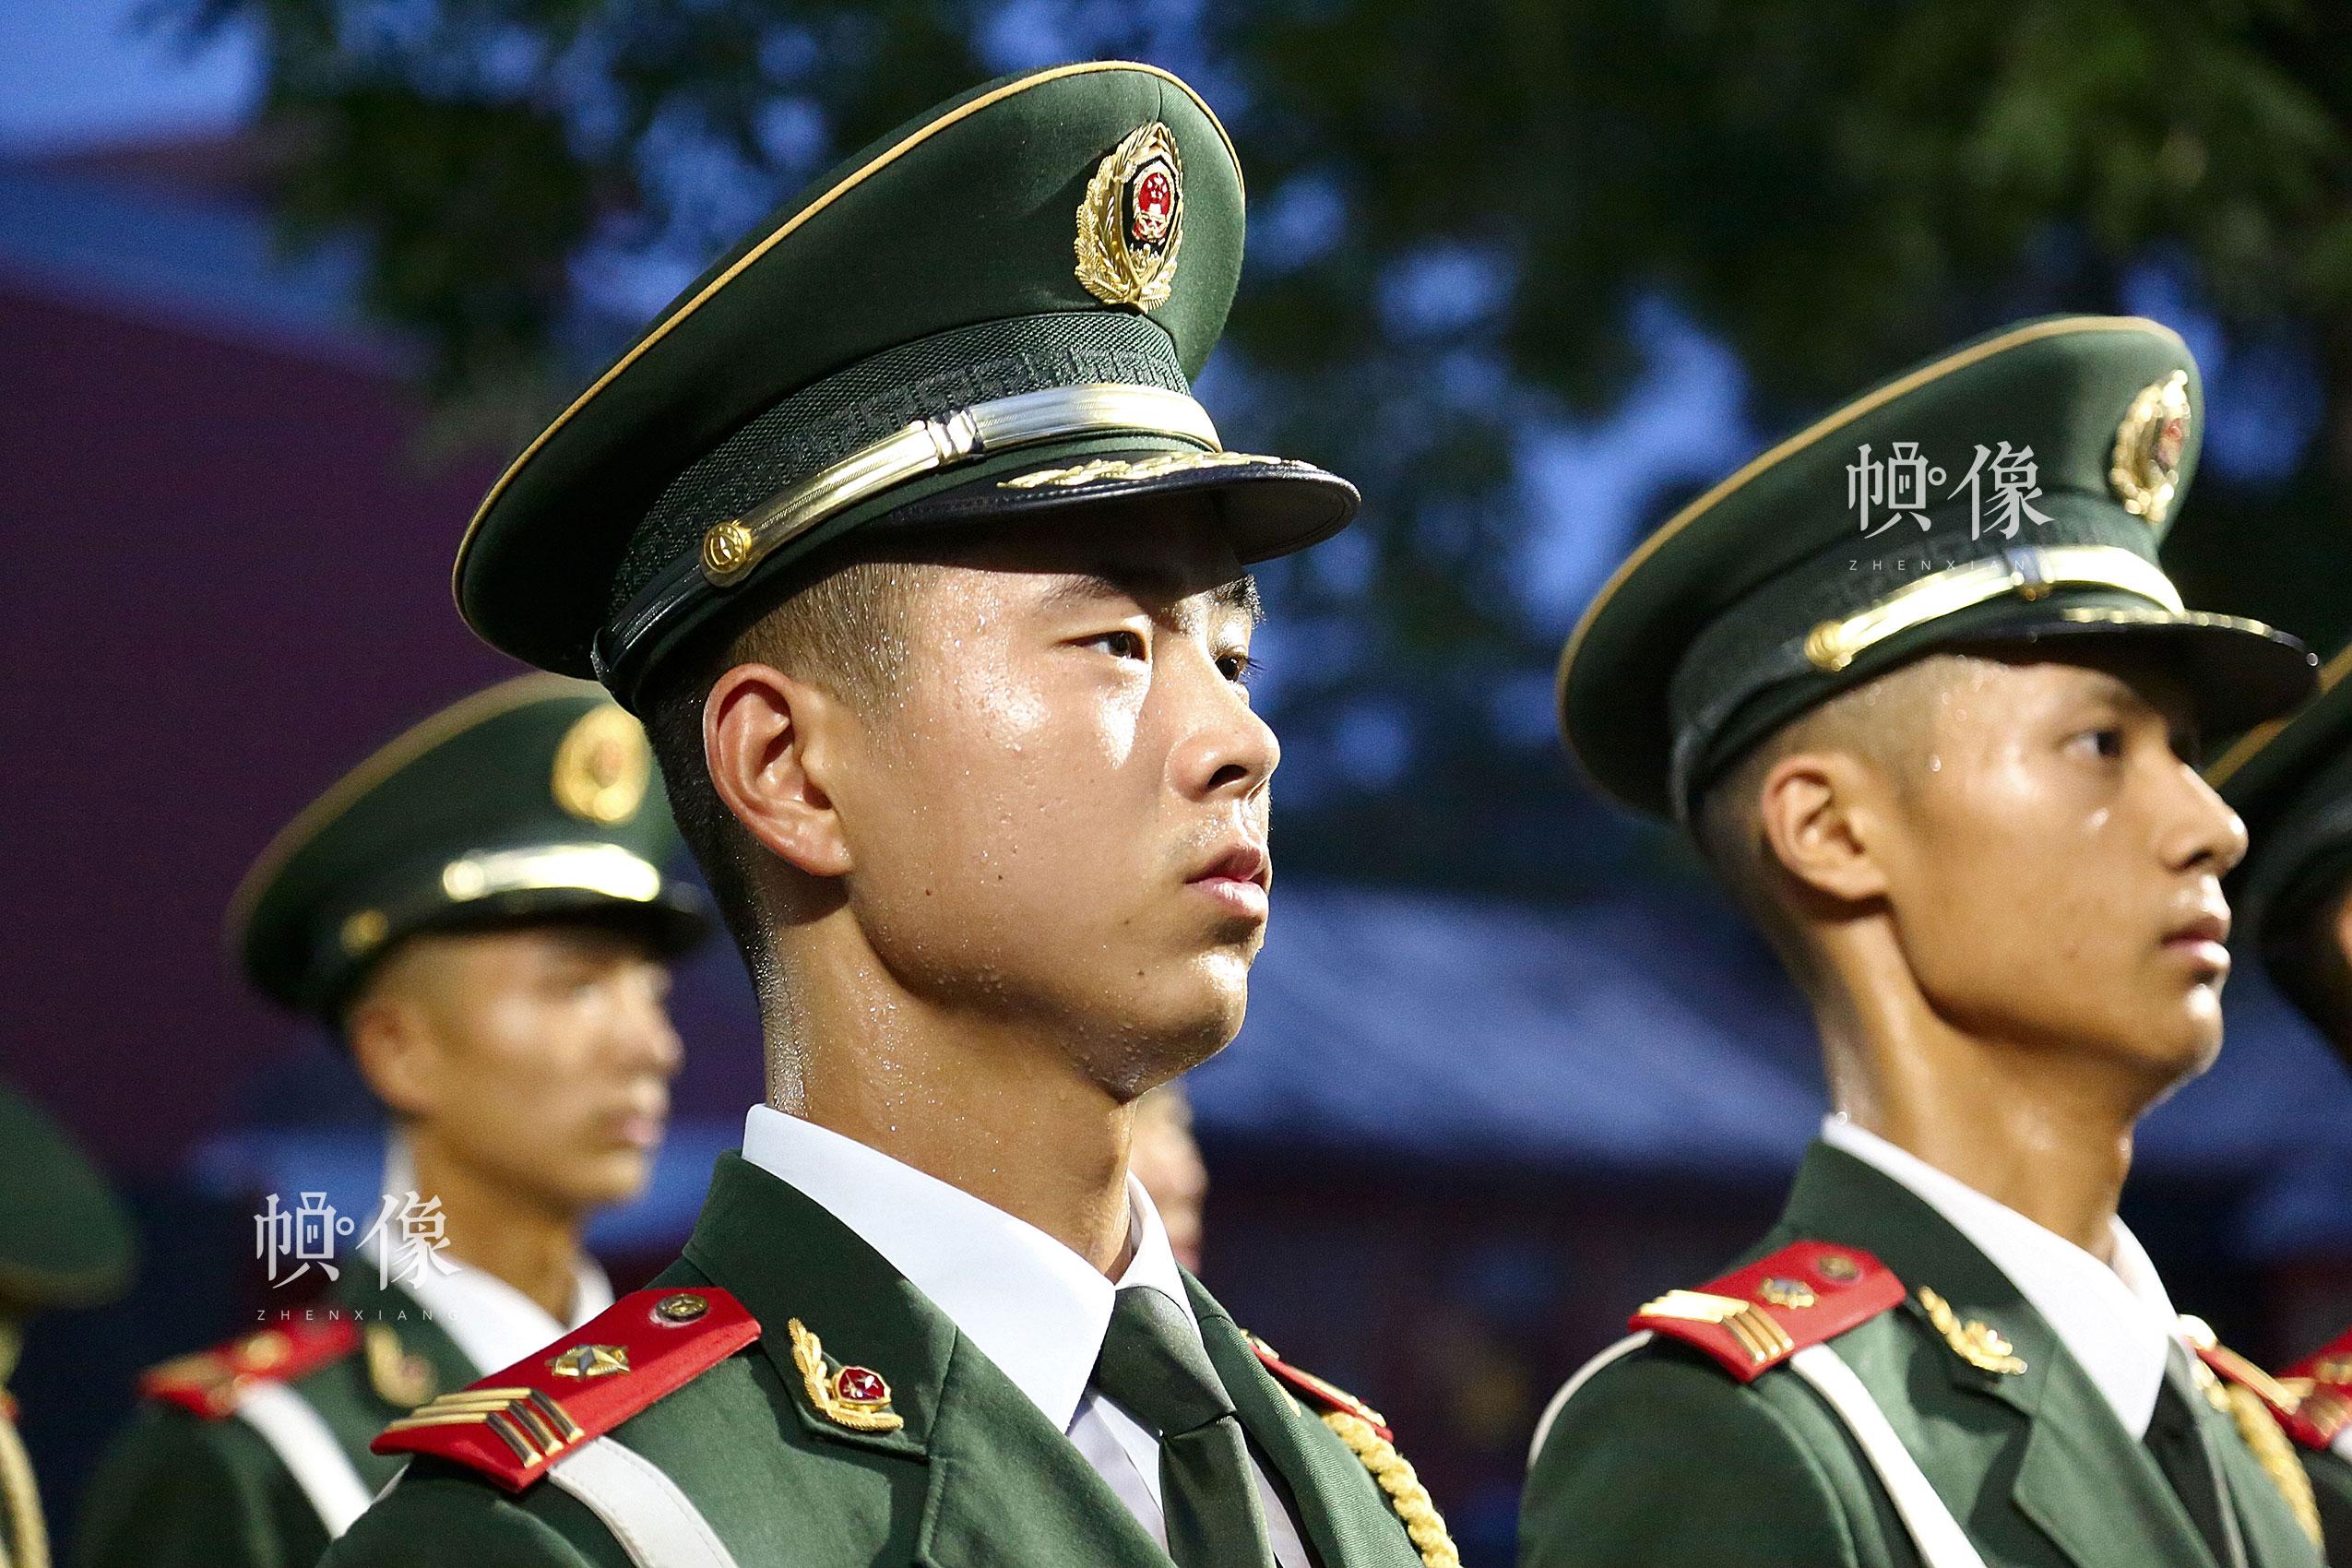 2017年7月28日,北京,武警天安门警卫支队国旗护卫队队员升旗前热身训练汗流浃背。中国网记者 黄富友 摄